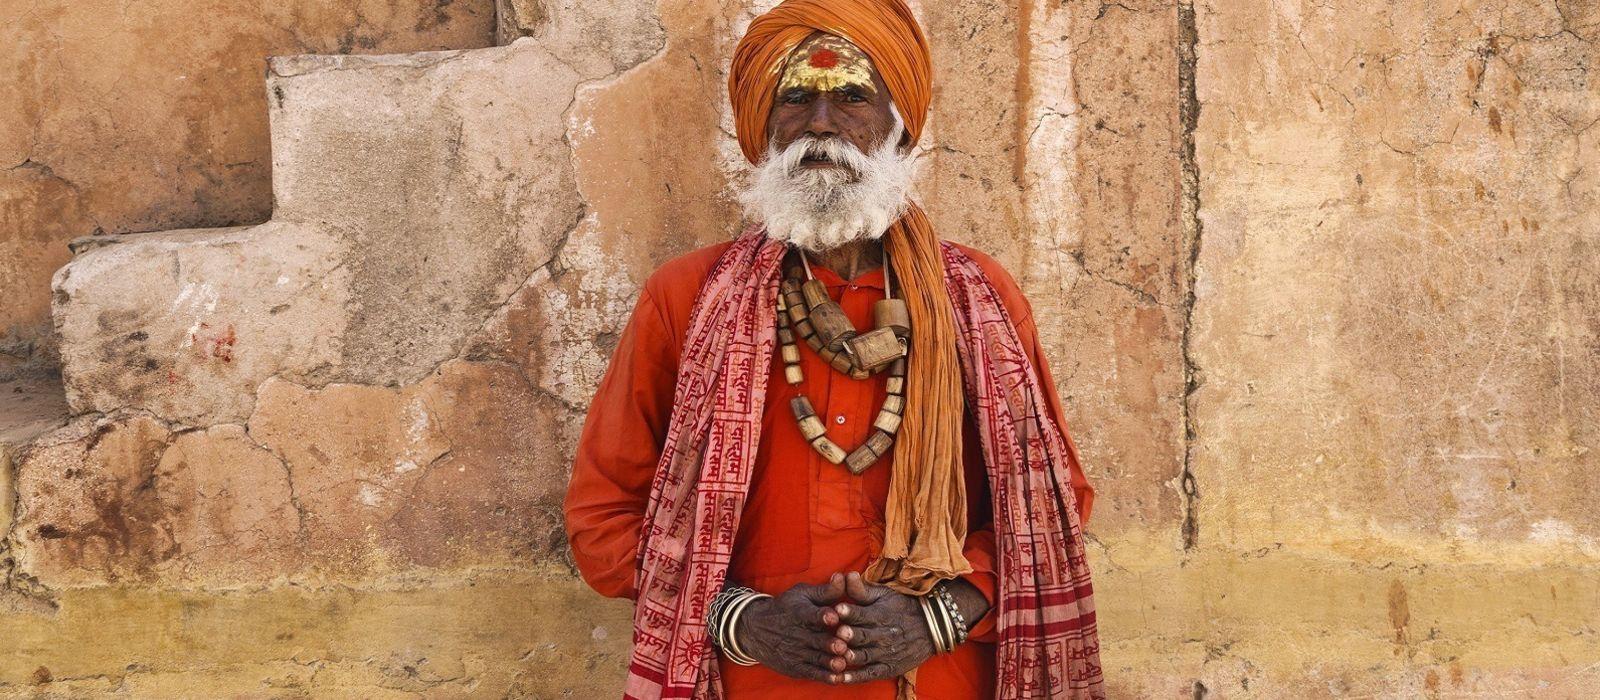 Bezaubernde Nordindien Reise – klassisch & komfortabel Urlaub 5